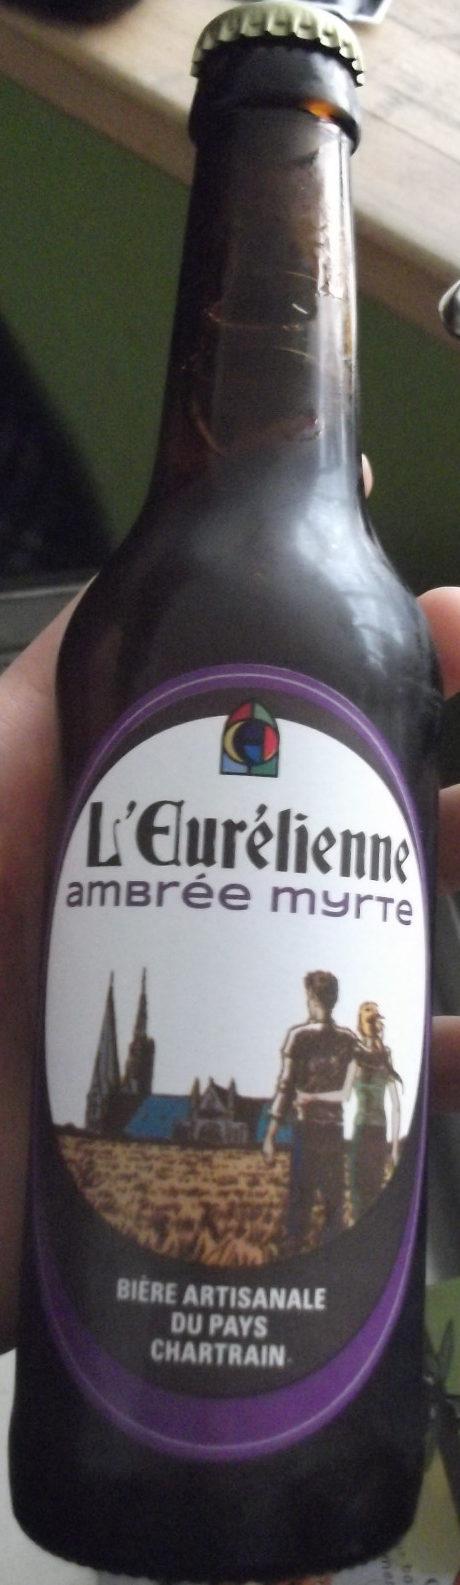 L'Eurélienne ambrée myrte - Produit - fr